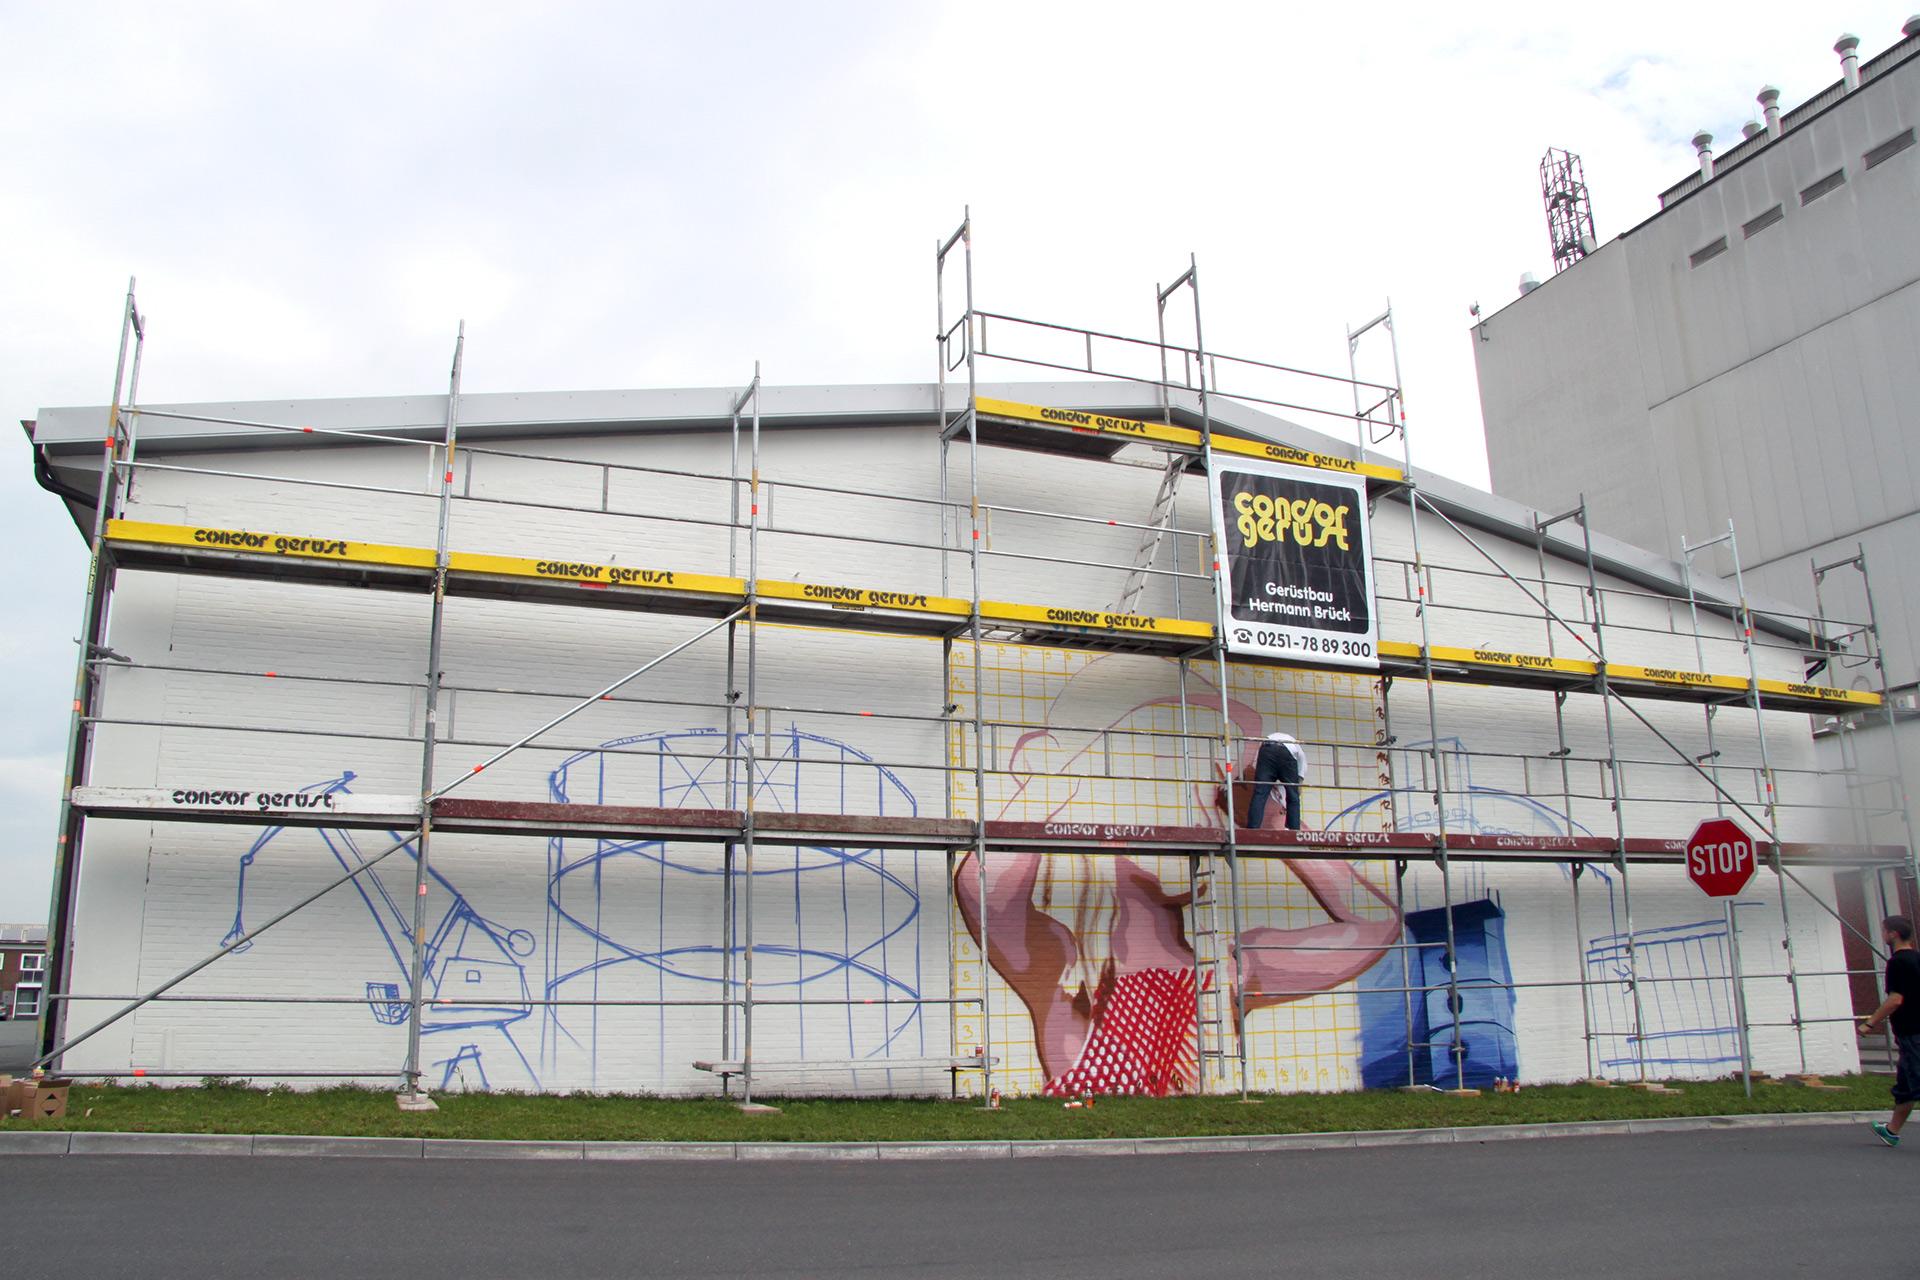 Agravis, Graffiti, Industrie, Kampagne, Raiffeisen, Industrieweg, Münster, Auckz, Studio, Bennet Grüttner